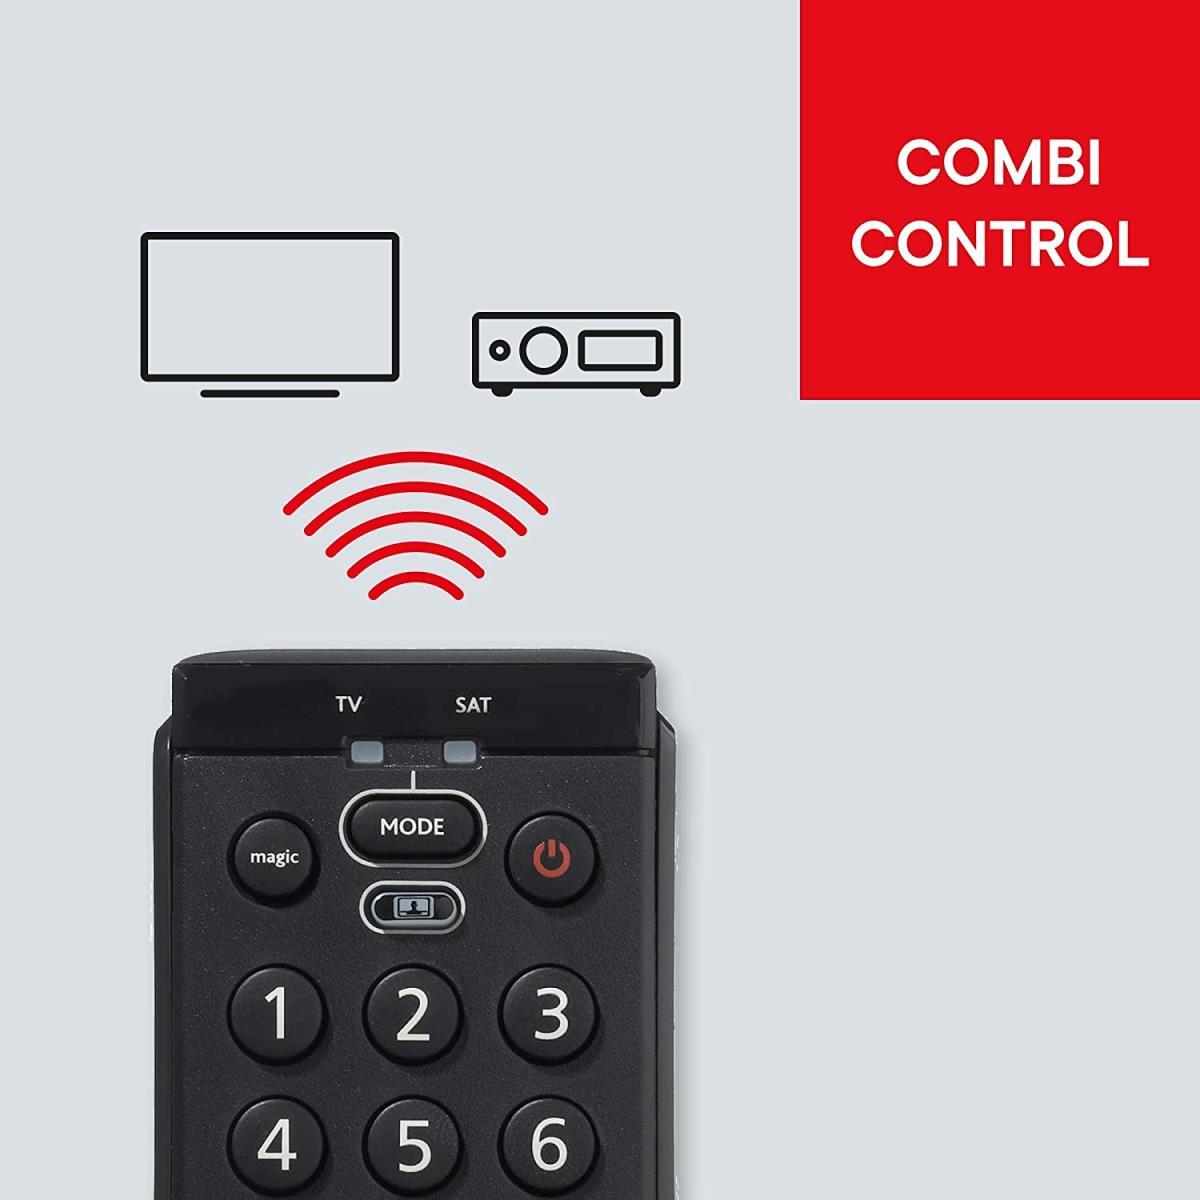 One For All Essence 2 Universal Fernbedienung TV - Steuerung von 2 Endgeräten,One For All,URC7120, 8716184043154